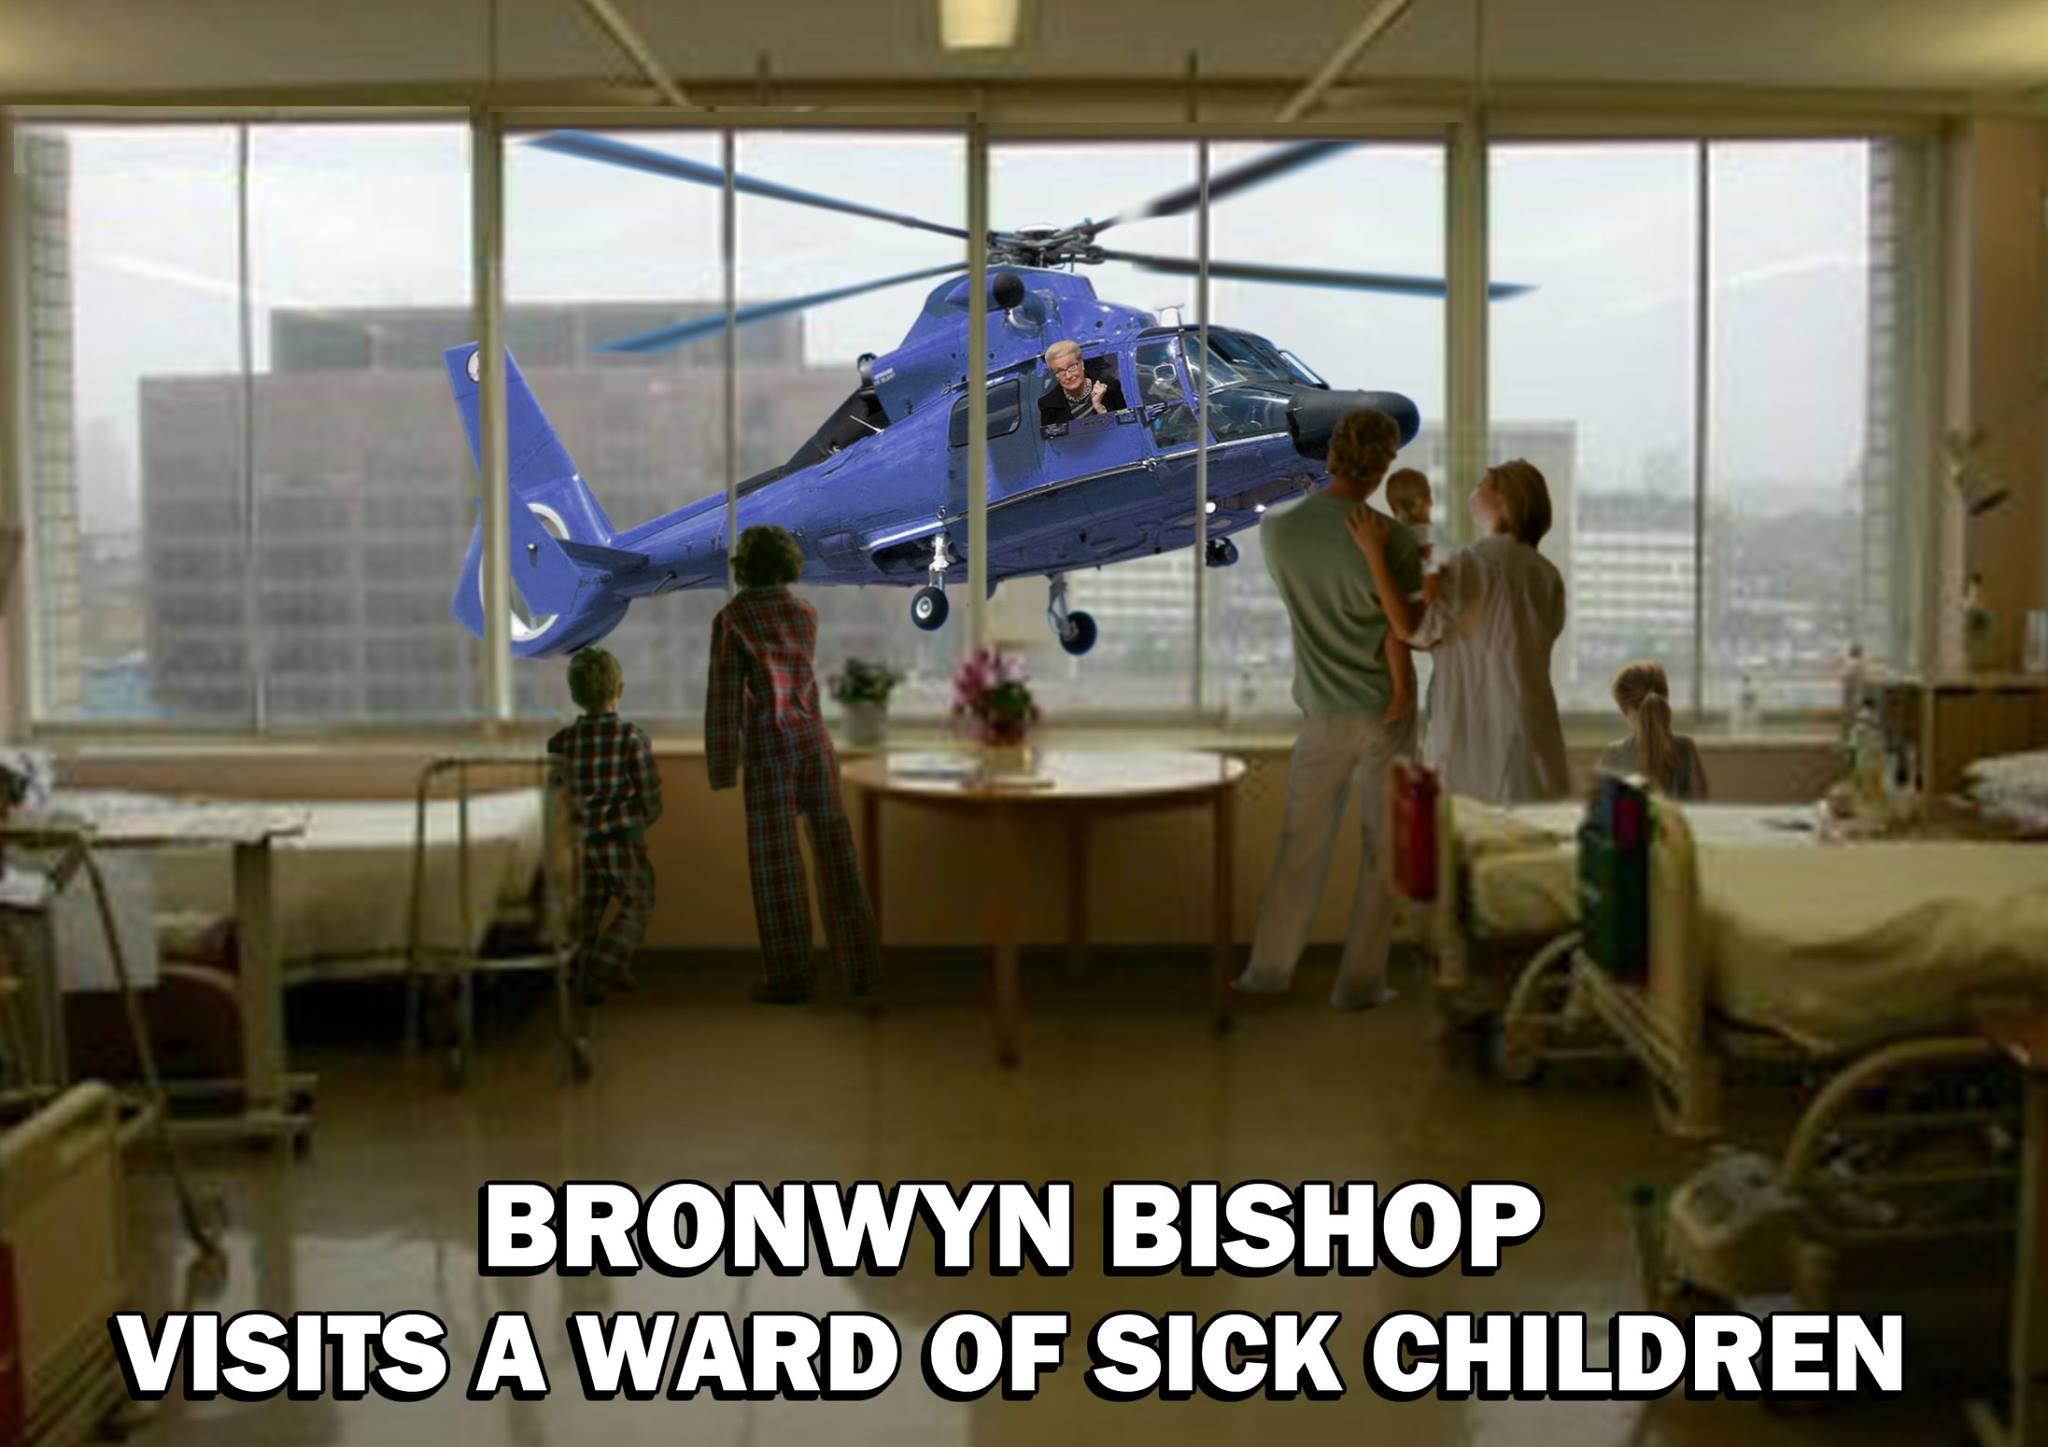 Bronwyn vescovo visite dei bambini malati